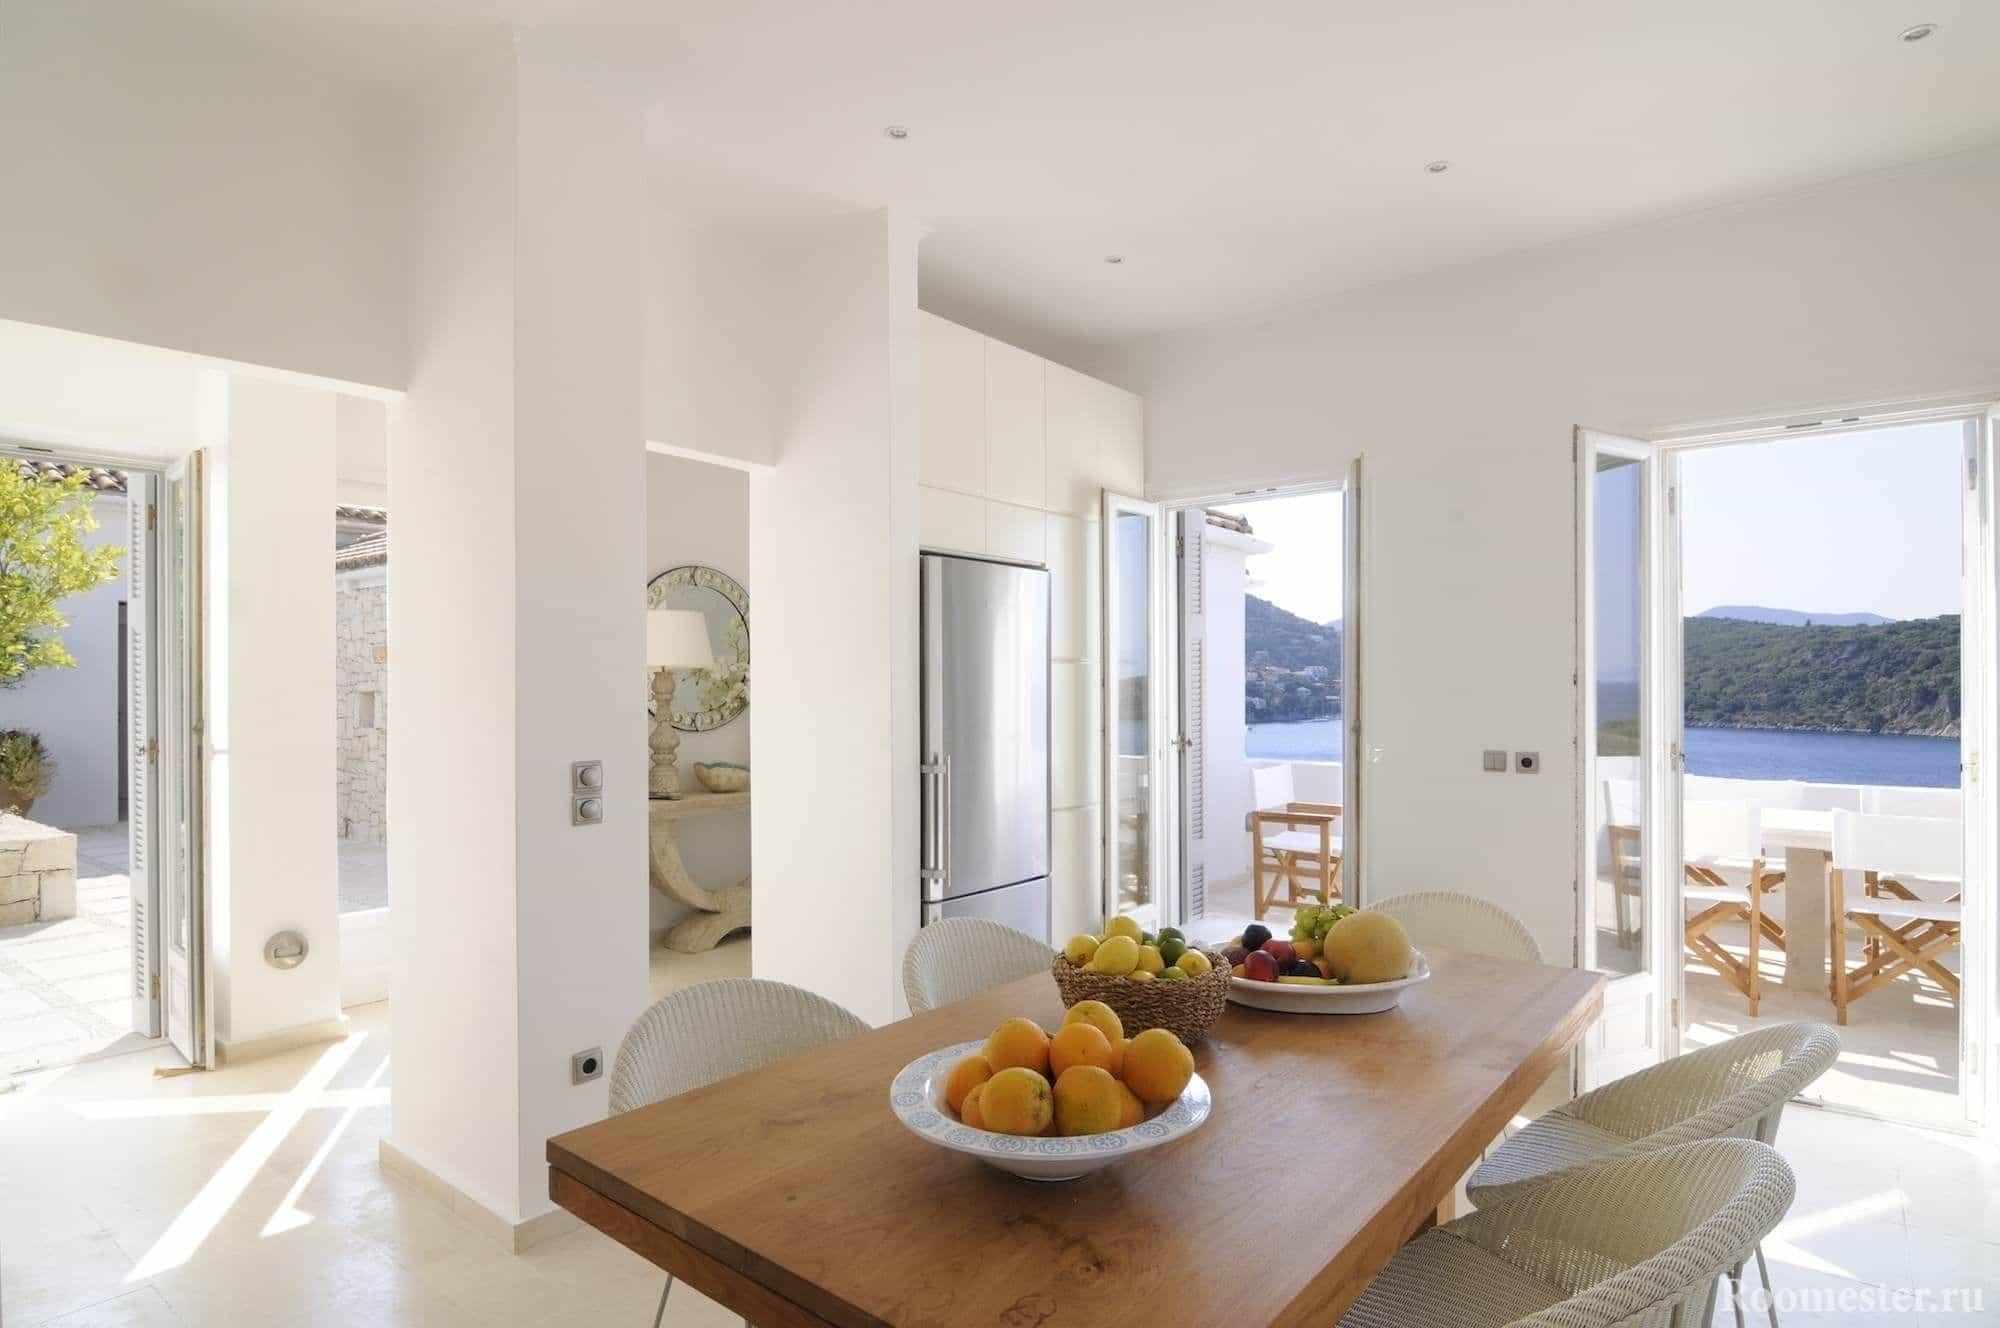 Панорамные окна присущи греческому стилю интерьера